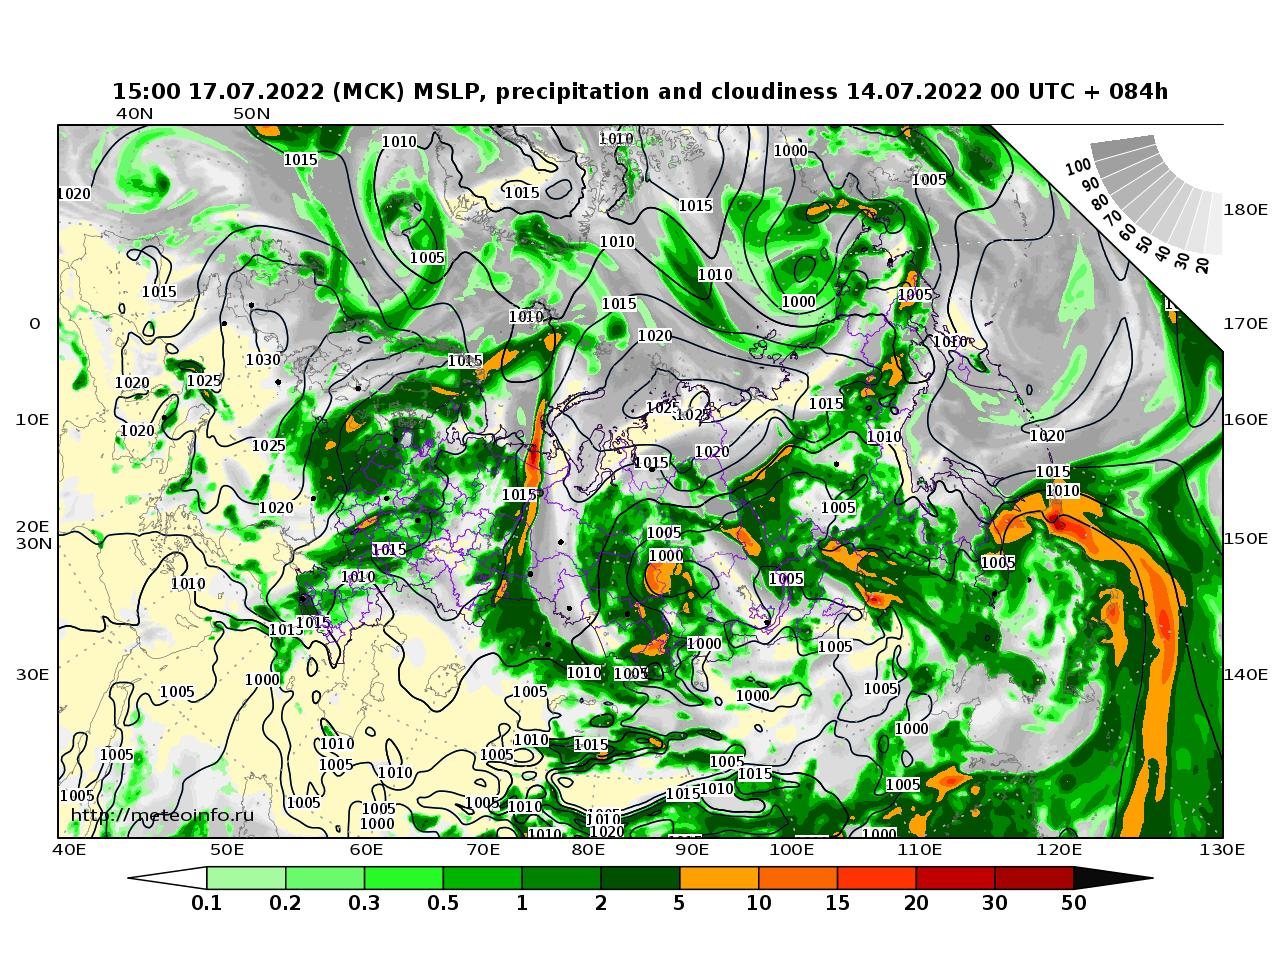 Россия, прогностическая карта осадки и давление, заблаговременность прогноза 84 часа